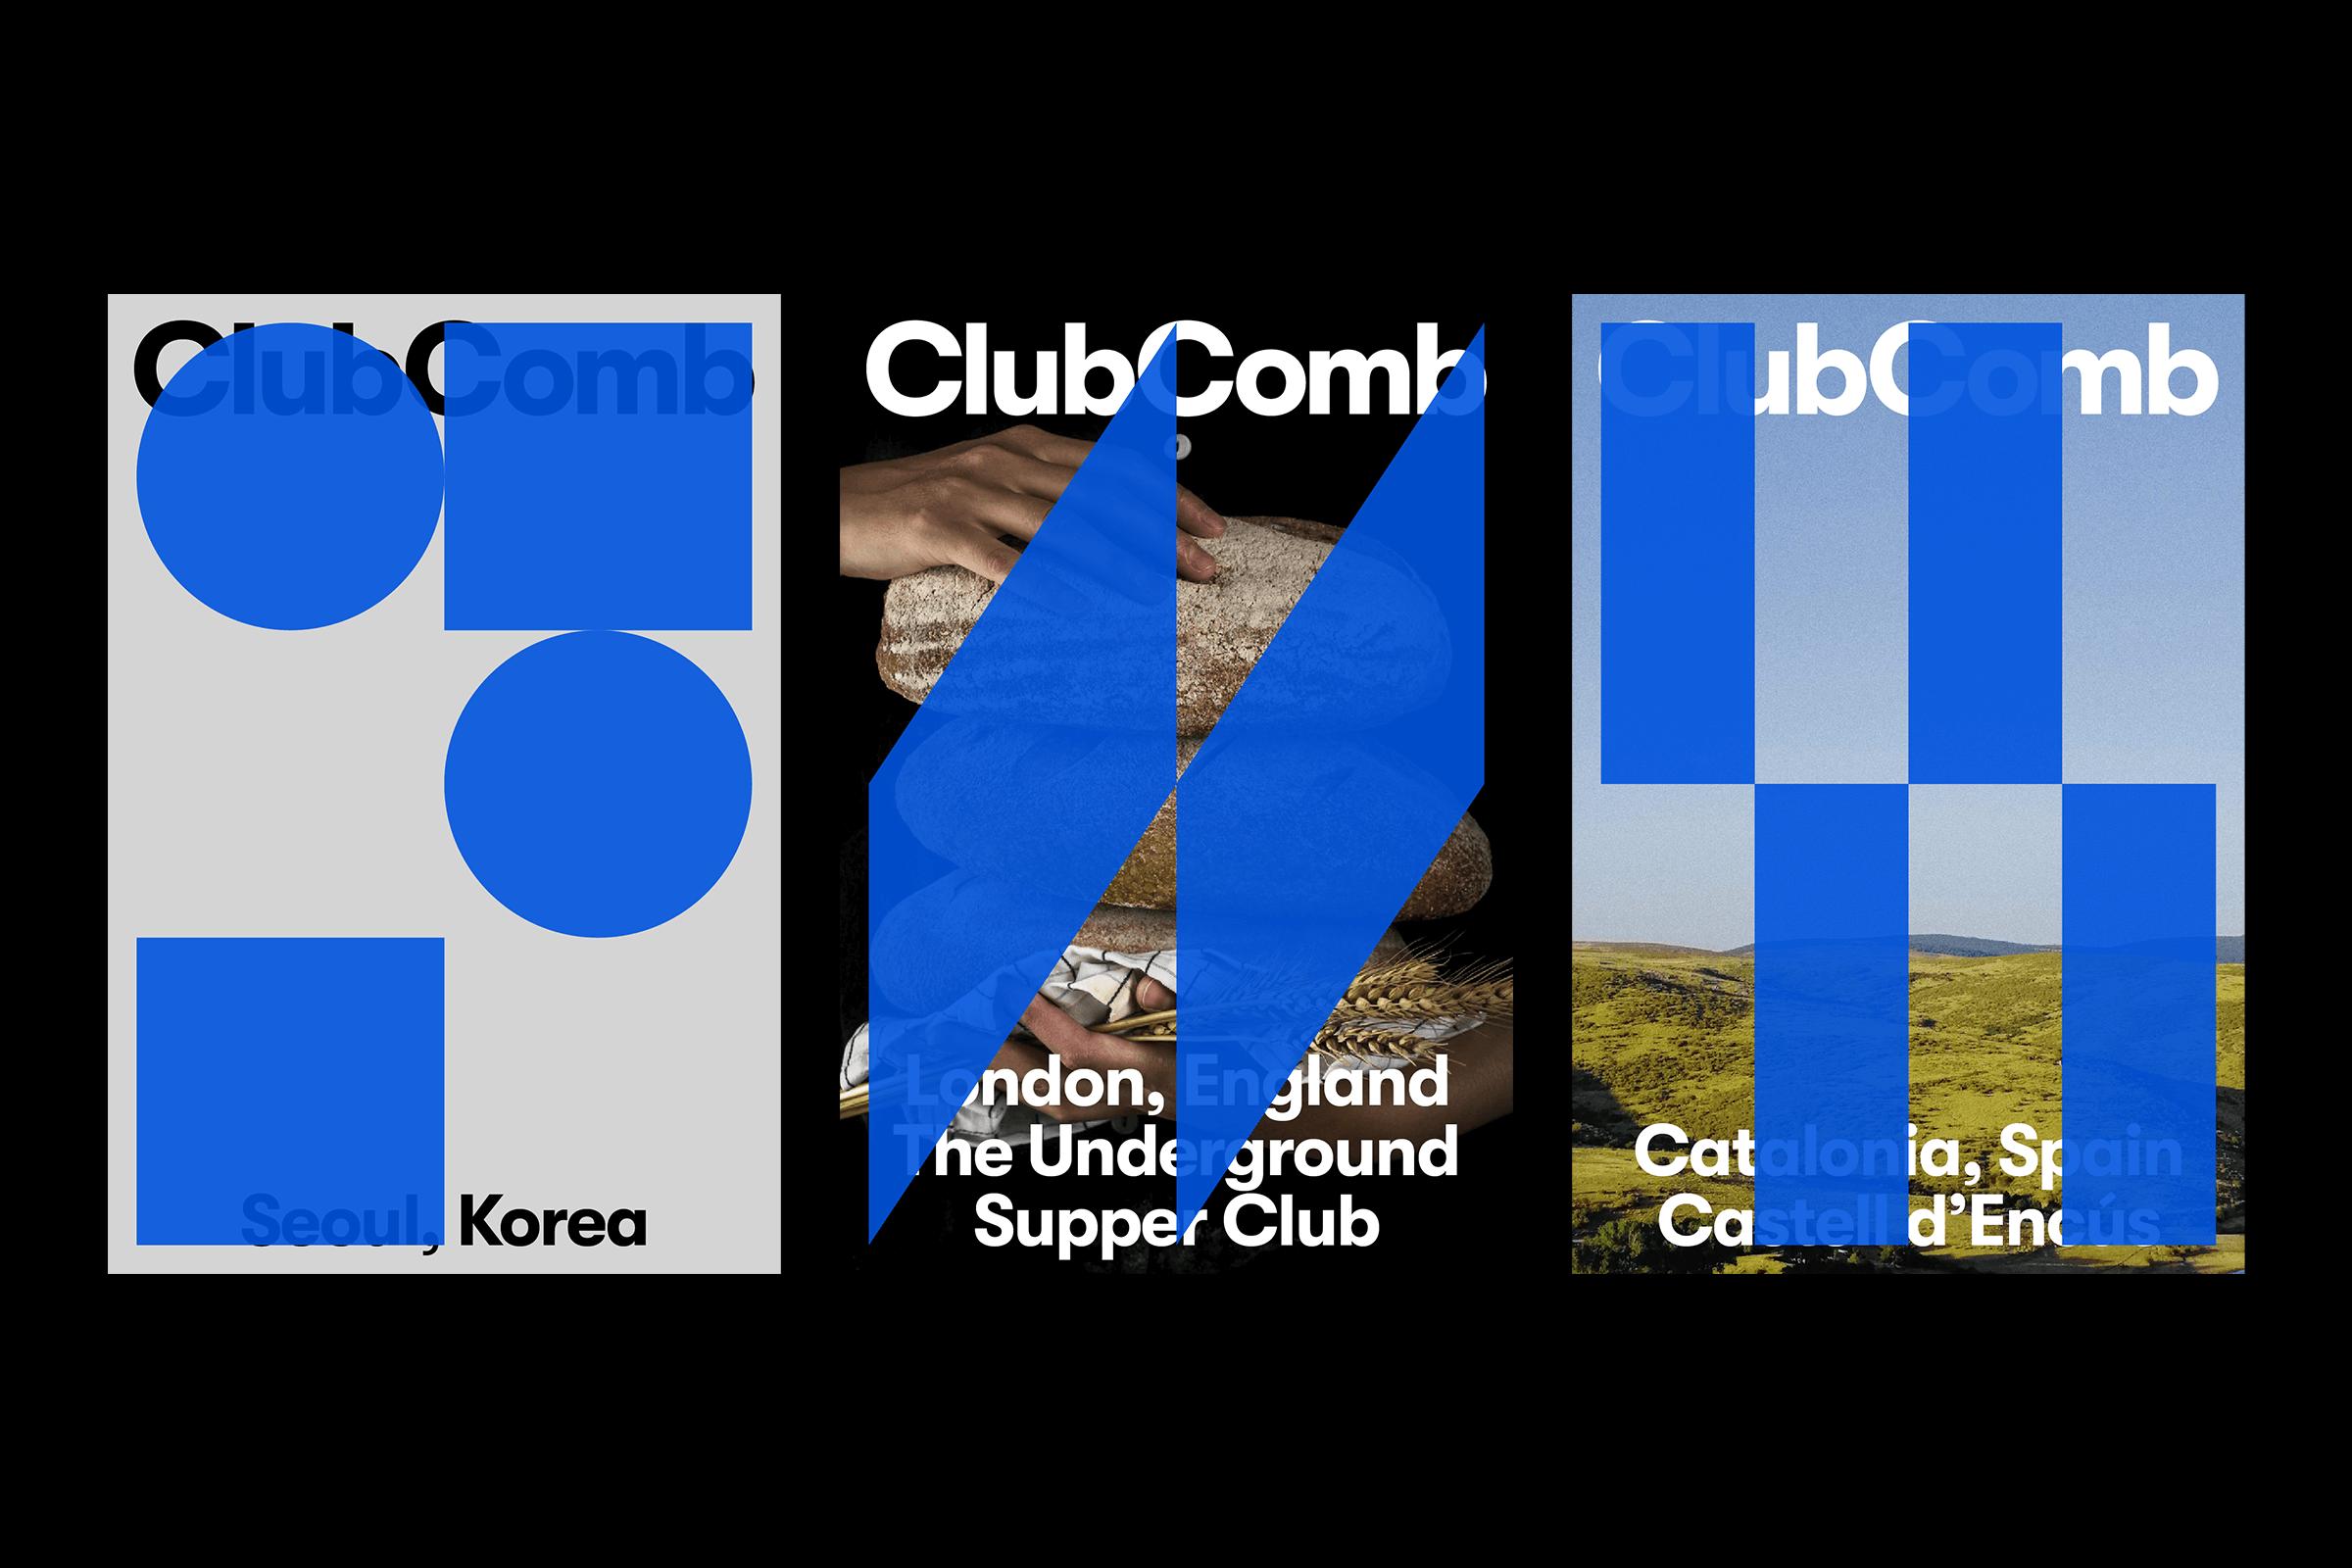 clubcomb_mockup_poster